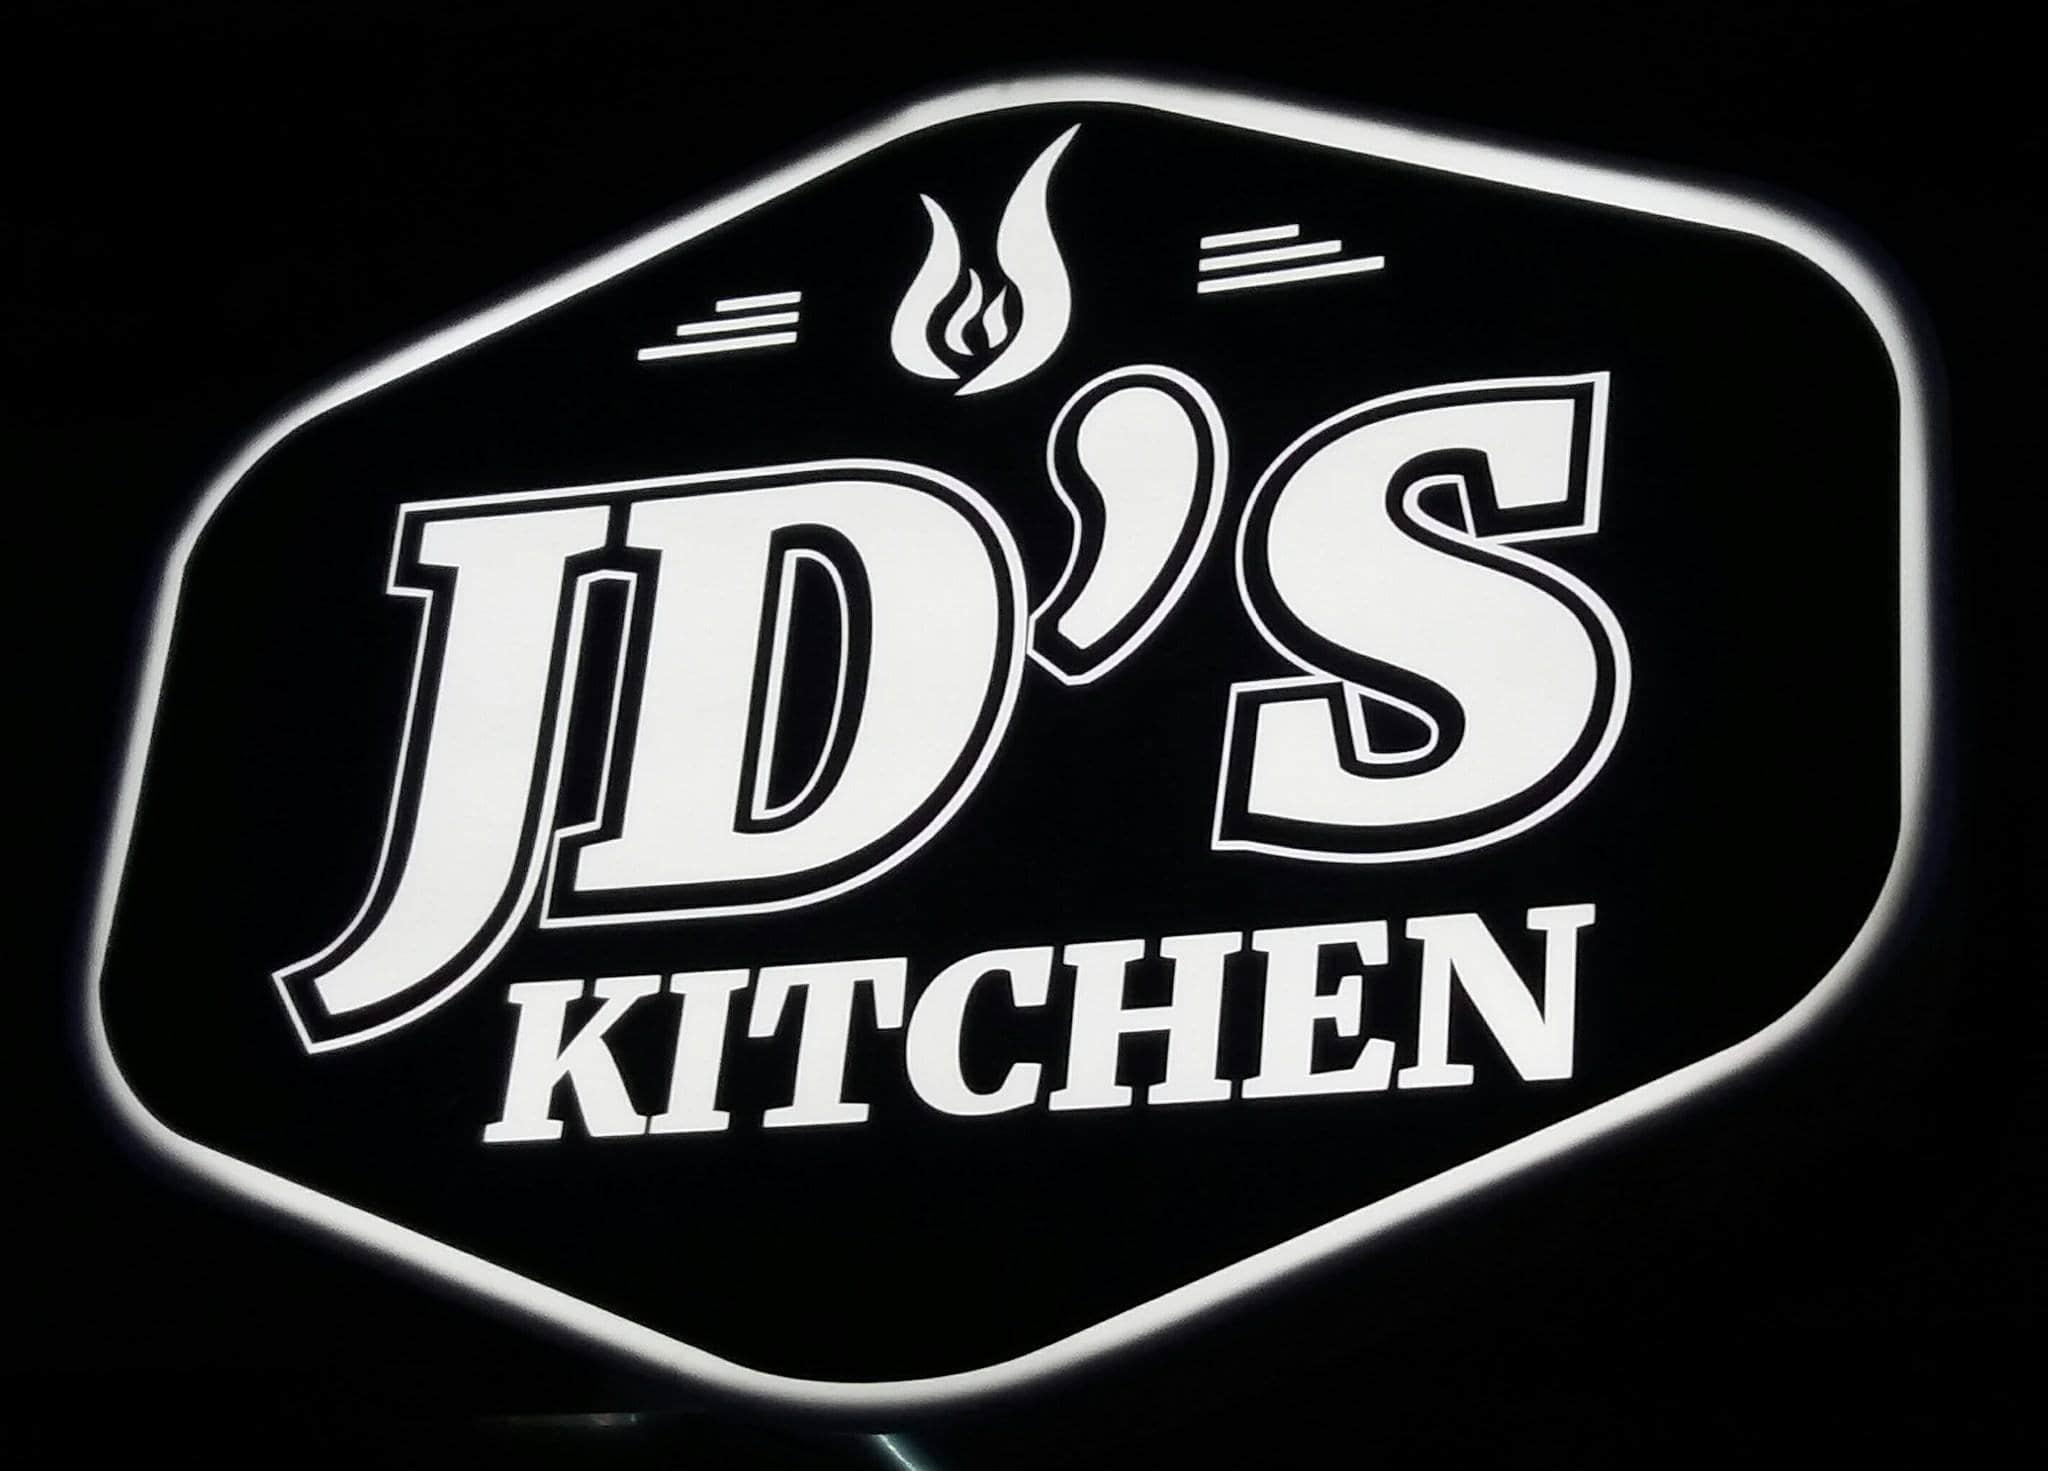 Jd S Kitchen Malta